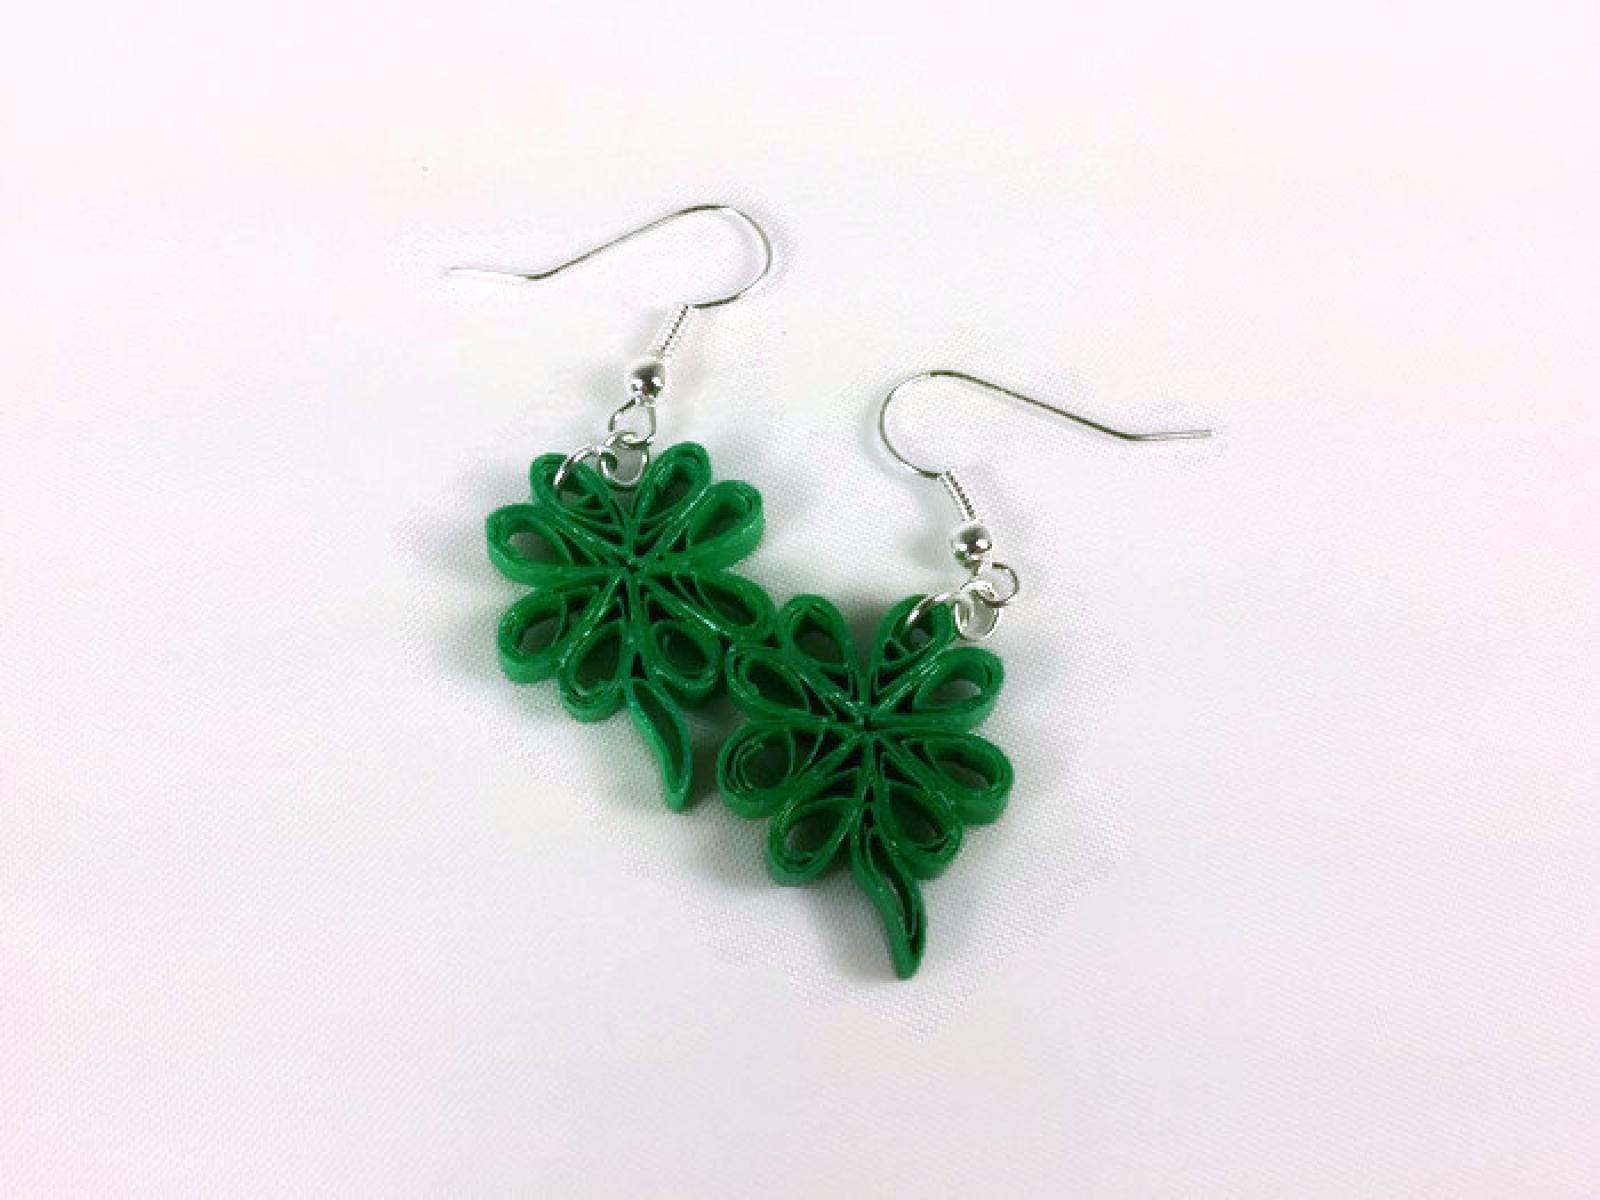 Shamrock Earrings Four Leaf Clover Jewelry St Patricks Day Cute